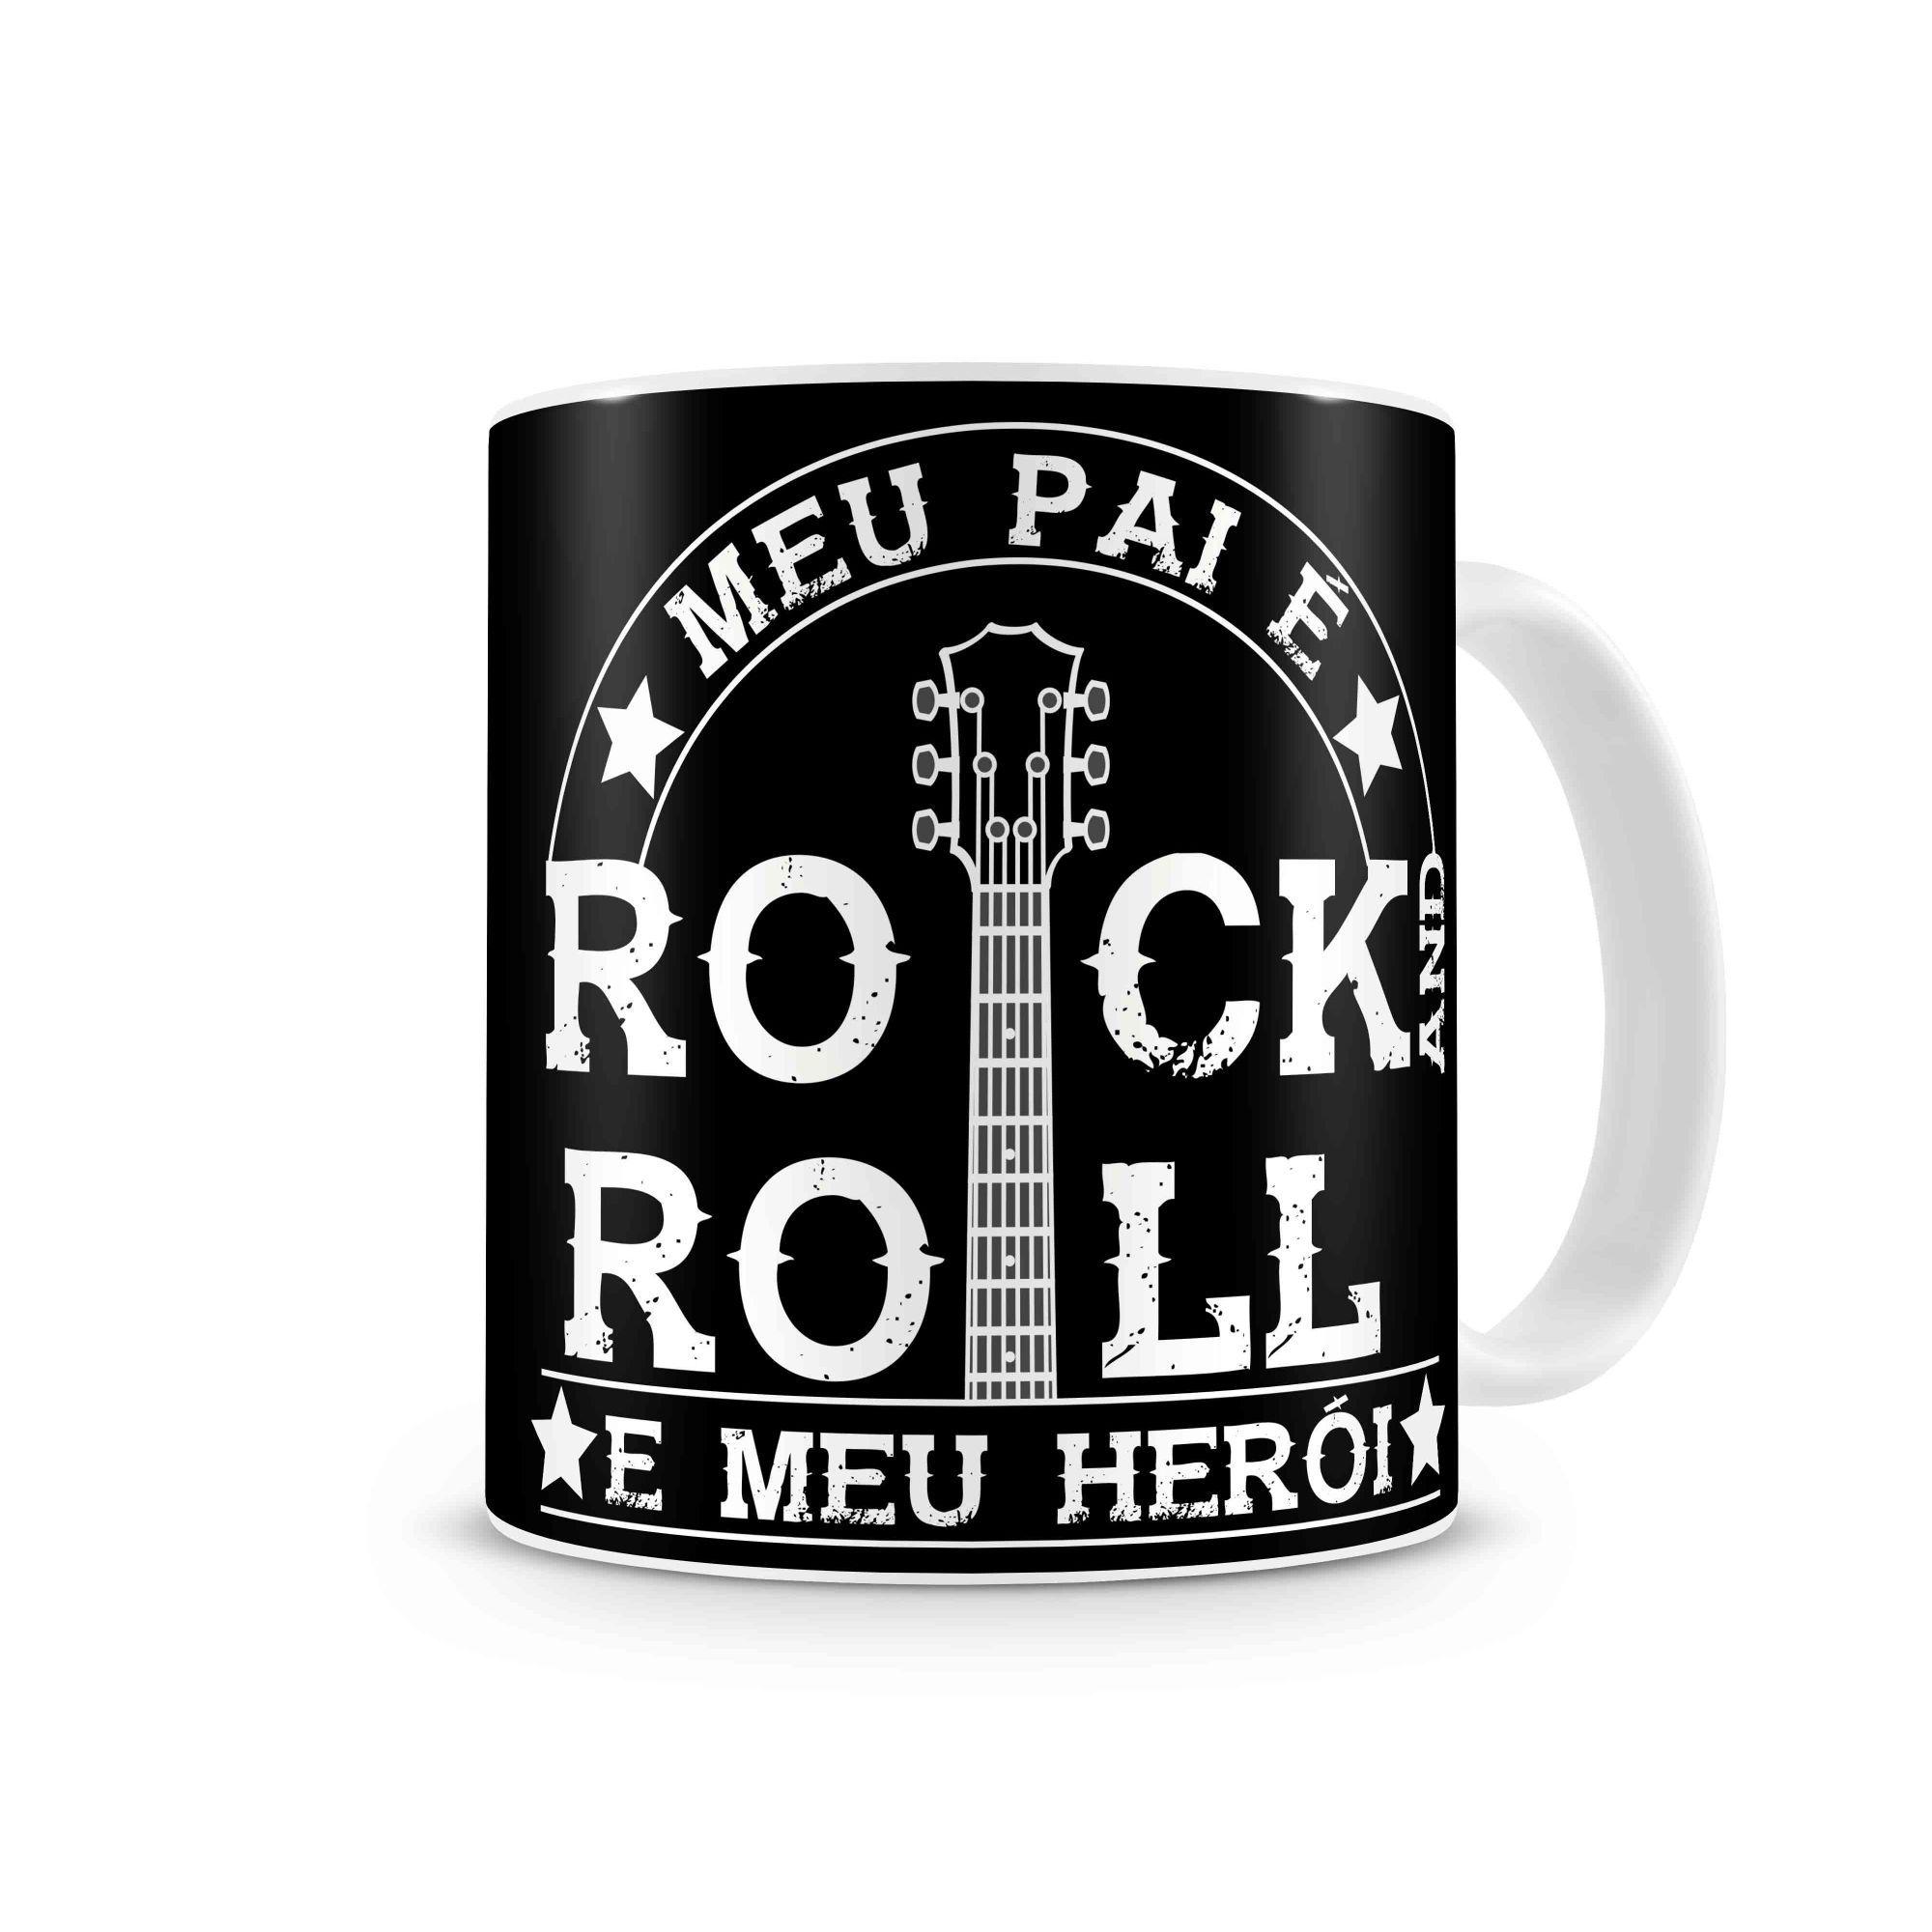 Caneca Meu Pai É Rock And Roll E Meu Herói